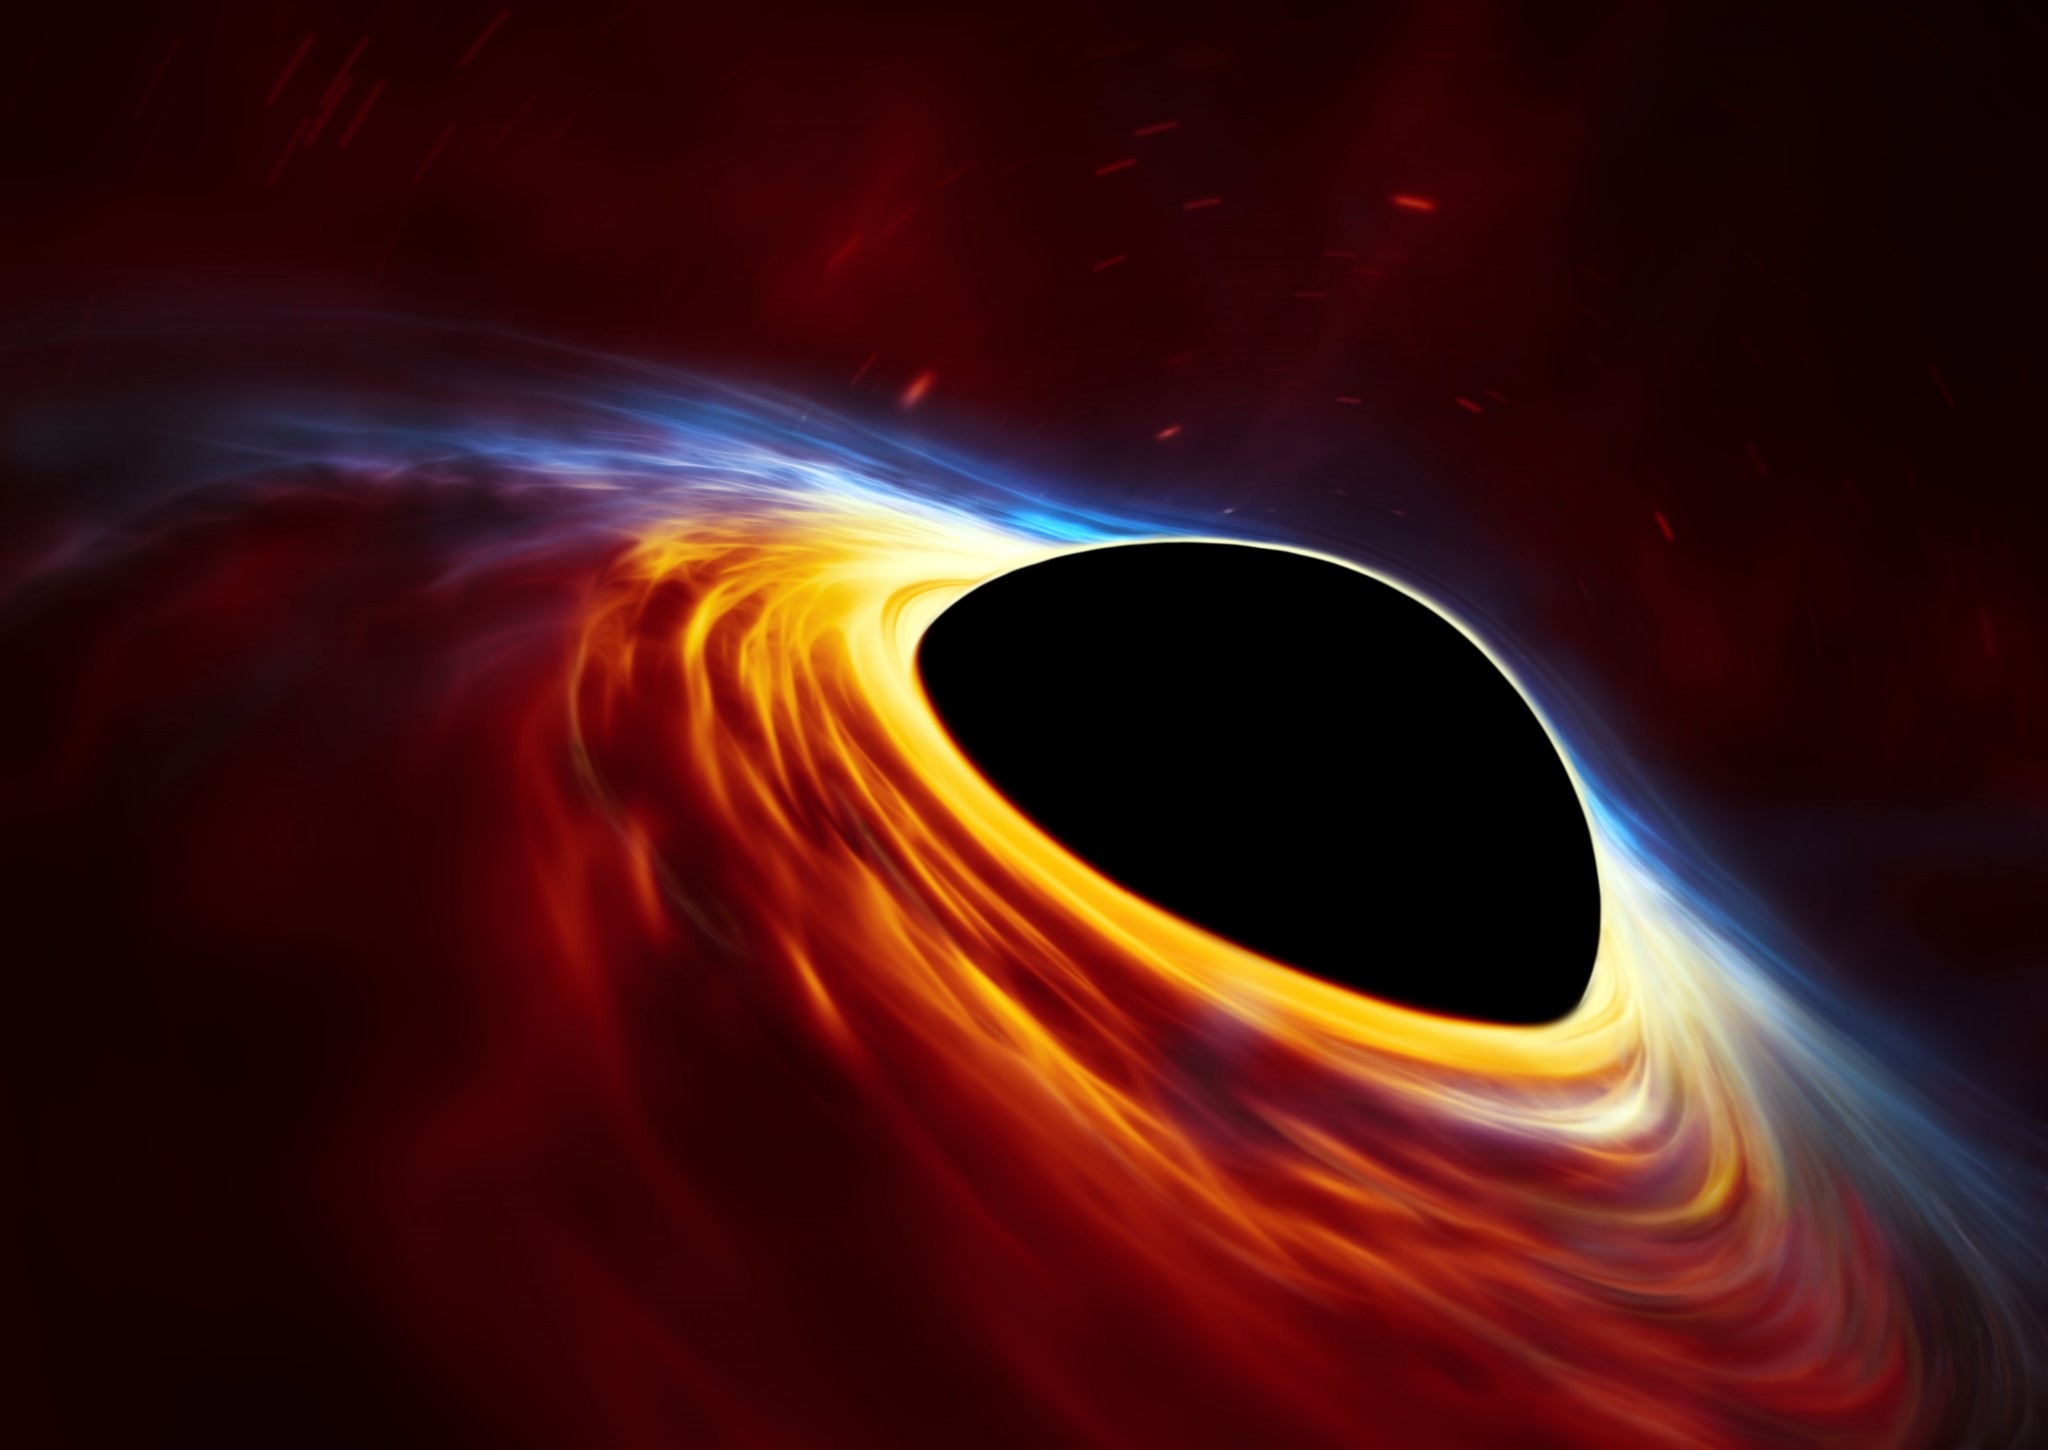 Массивная черная дыра за 10 лет полностью «съела» соседнюю звезду - 1